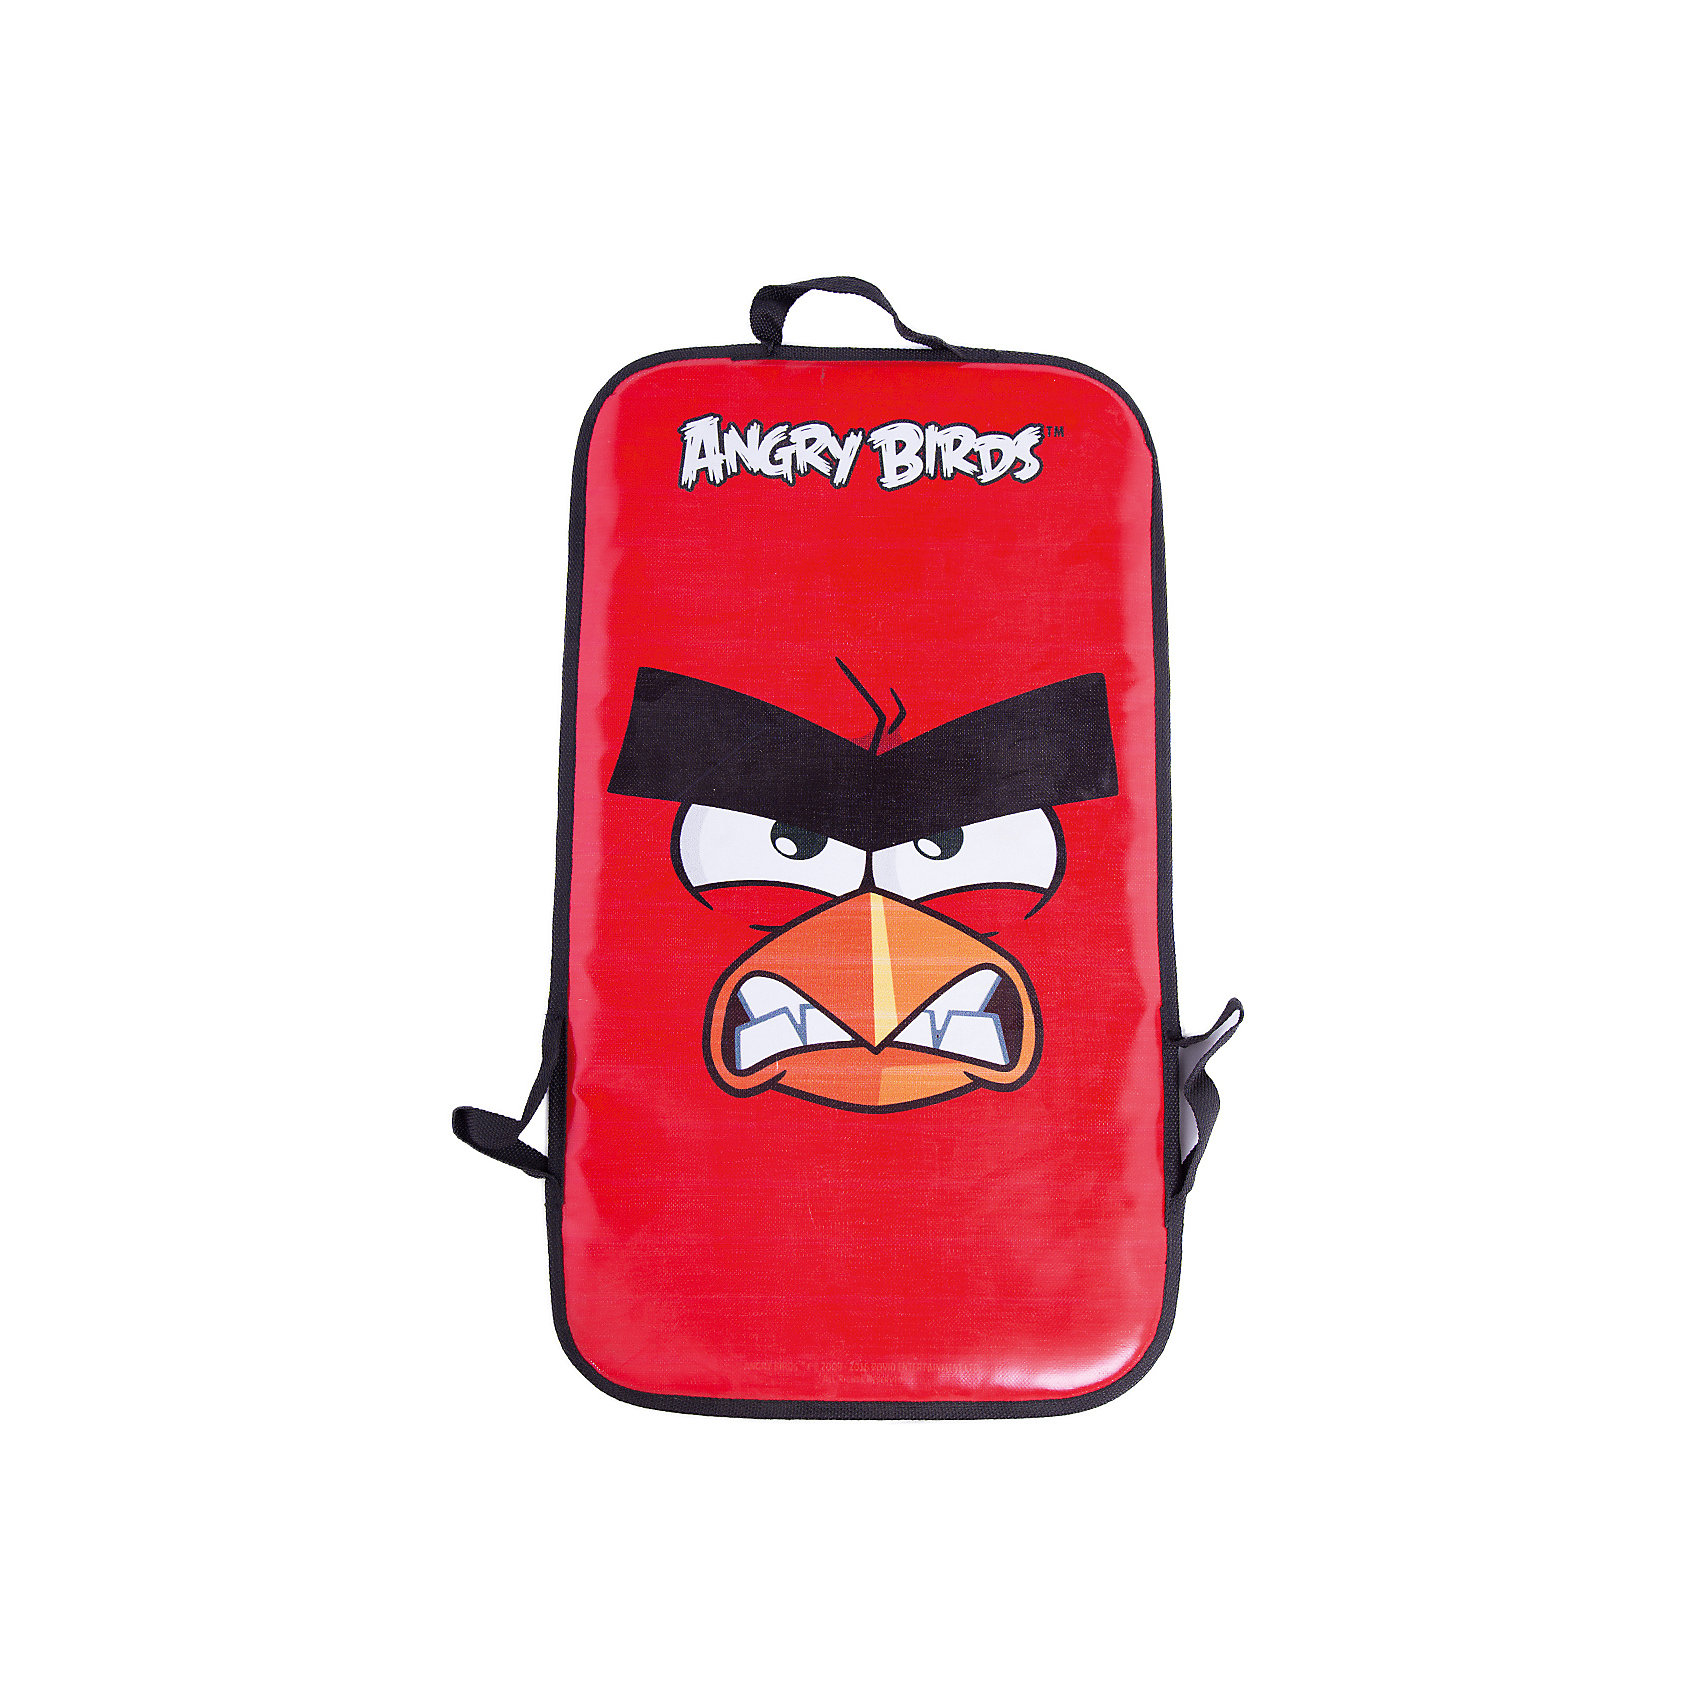 Ледянка,  72х41 см, прямоугольная, Angry Birds, 1toyЛедянка, 72х41 см, прямоугольная, Angry Birds, 1toy.<br><br>Характеристики:<br><br>• прочные материалы<br>• удобные ручки<br>• отлично скользит<br>• приятный дизайн<br>• размер: 72х41 см<br><br>С ледянкой Angry Birds, 1toy кататься с горок будет еще веселее. Она оснащена двумя удобными ручками для безопасности и маневрирования и одной ручкой для подъема на горку. Ледянка достаточно вместительная, что сделает спуск с горки максимально комфортным. Красочный принт с тематикой игры Angry Birds подарит море положительных эмоций во время отдыха!<br><br>Ледянку, 72х41 см, прямоугольная, Angry Birds, 1toy вы можете купить в нашем интернет-магазине.<br><br>Ширина мм: 720<br>Глубина мм: 10<br>Высота мм: 410<br>Вес г: 400<br>Возраст от месяцев: 36<br>Возраст до месяцев: 192<br>Пол: Унисекс<br>Возраст: Детский<br>SKU: 5032830